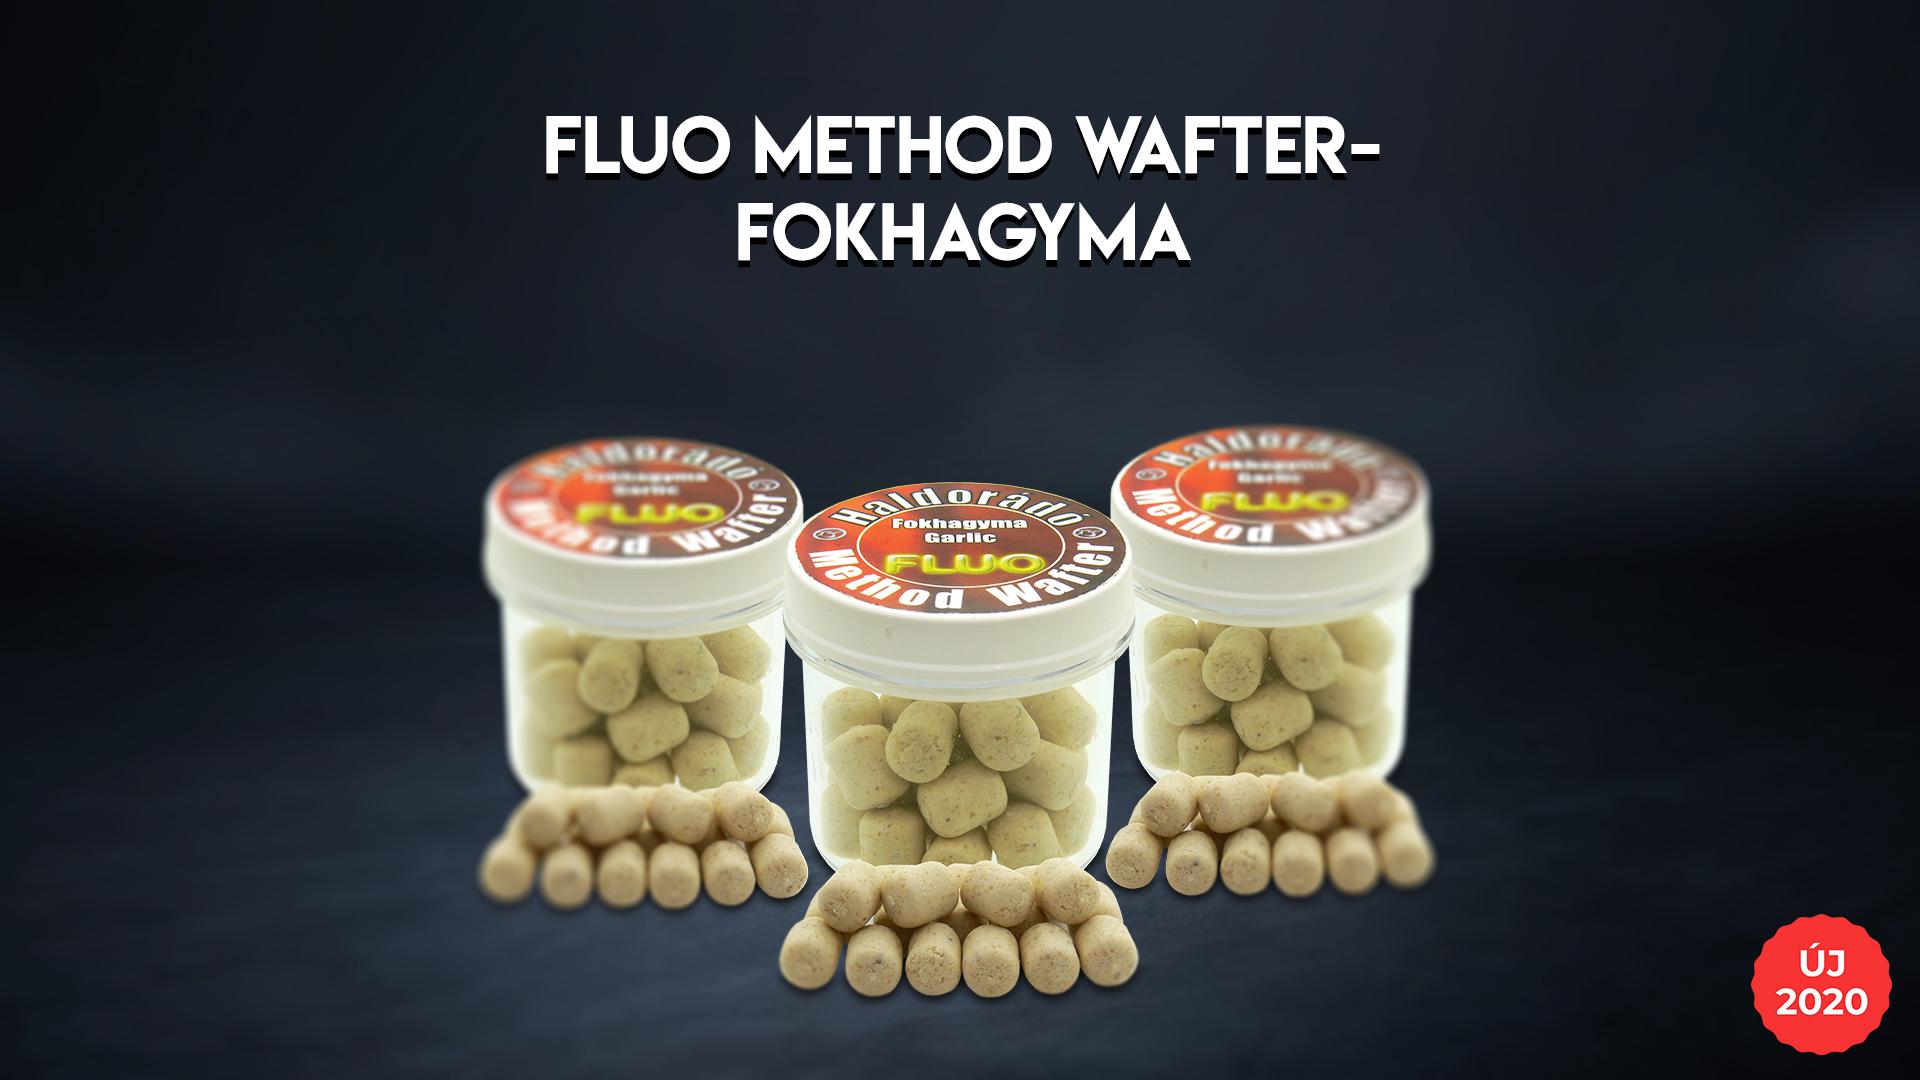 A Fluo Method Wafter csalik szortimentjéből hiányzottegy fehér színű, intenzív fokhagyma ízű verzió. Ezt most pótoltuk, és ettől az évtől már ebben a kicsi, 8 mm-es változatban is kapható lesz